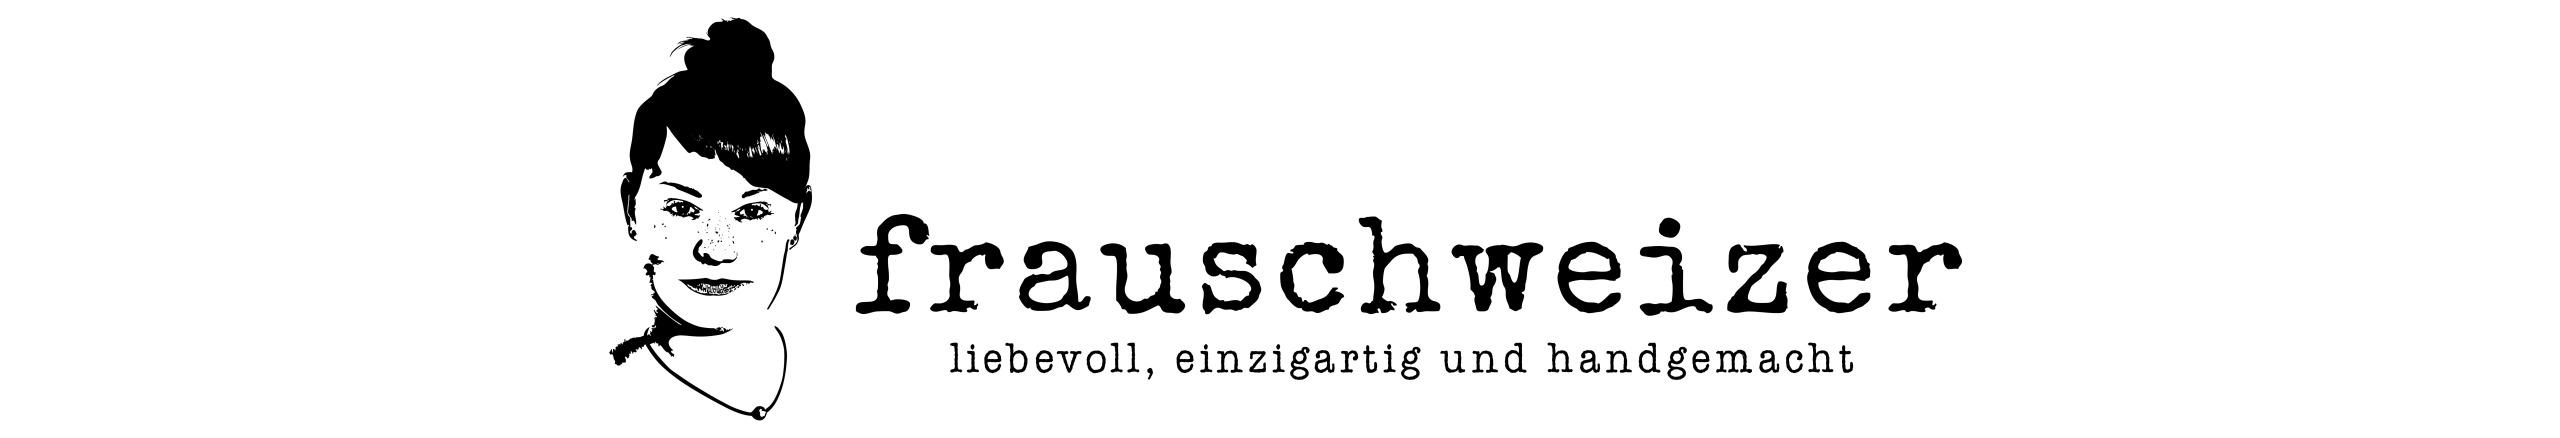 Frau Schweizer- der Familienblog